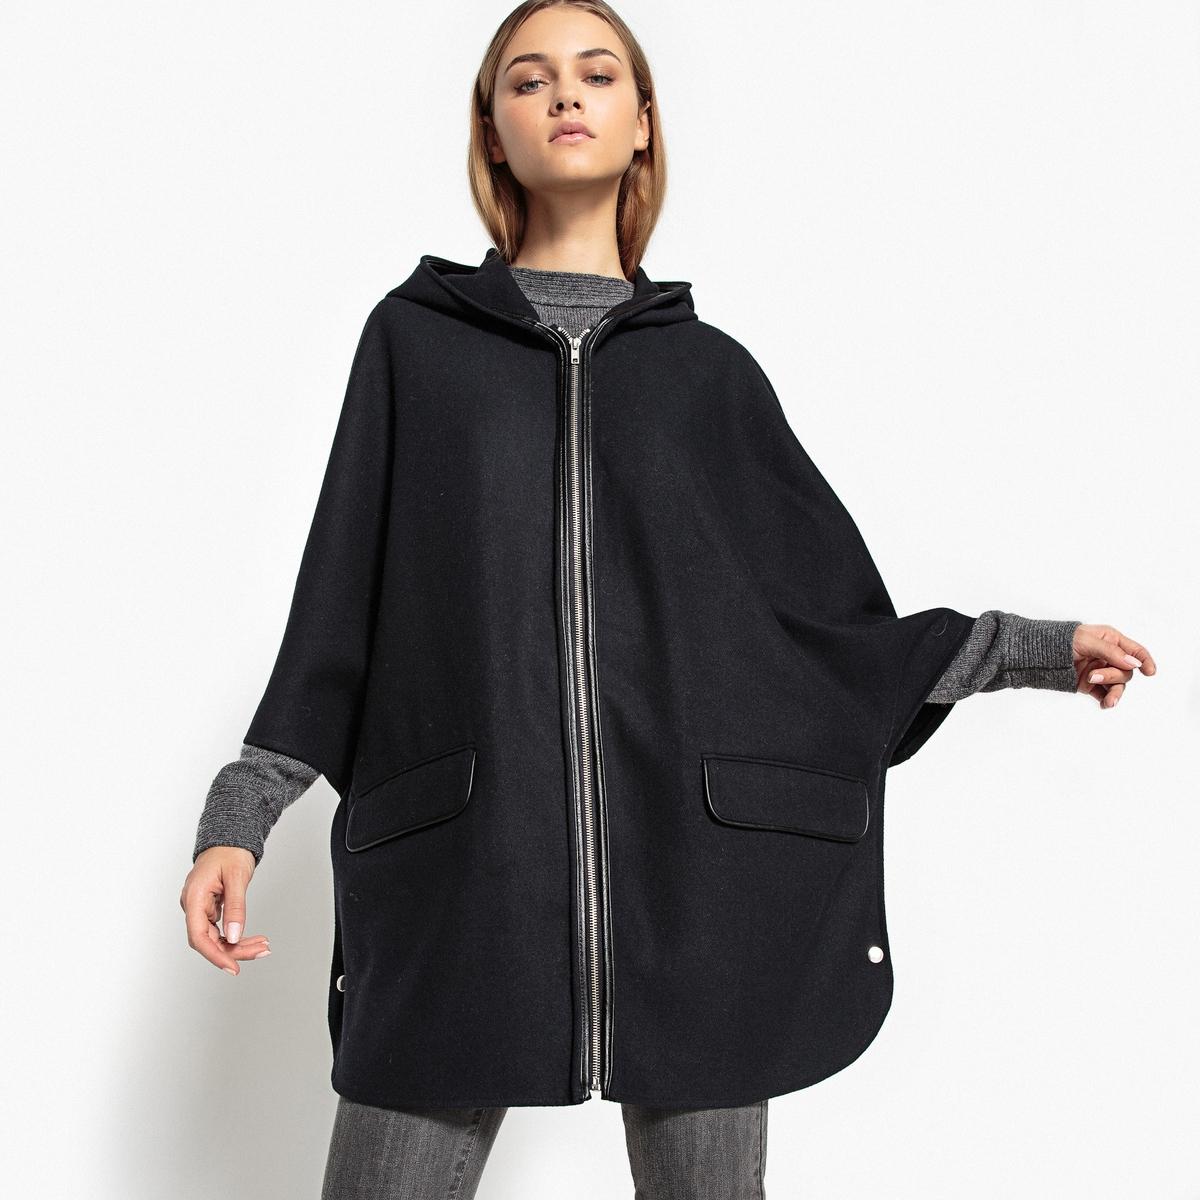 Плащ с капюшоном на молнии, 2 карманаОписание:Оригинальное и невероятно удобное пальто-плащ. Этот плащ с капюшоном защитит вас от дождя и холода. Элегантный и стильный утепленный плащ.Детали •  Длина : средняя •  Капюшон •  Застежка на молнию •  С капюшономСостав и уход5% вискозы, 20% шерсти, 40% акрила, 5% полиамида, 30% полиэстера    • Не стирать •  Любые растворители / не отбеливать   •  Не использовать барабанную сушку •  Не гладить •  Длина : 80 см<br><br>Цвет: темно-синий